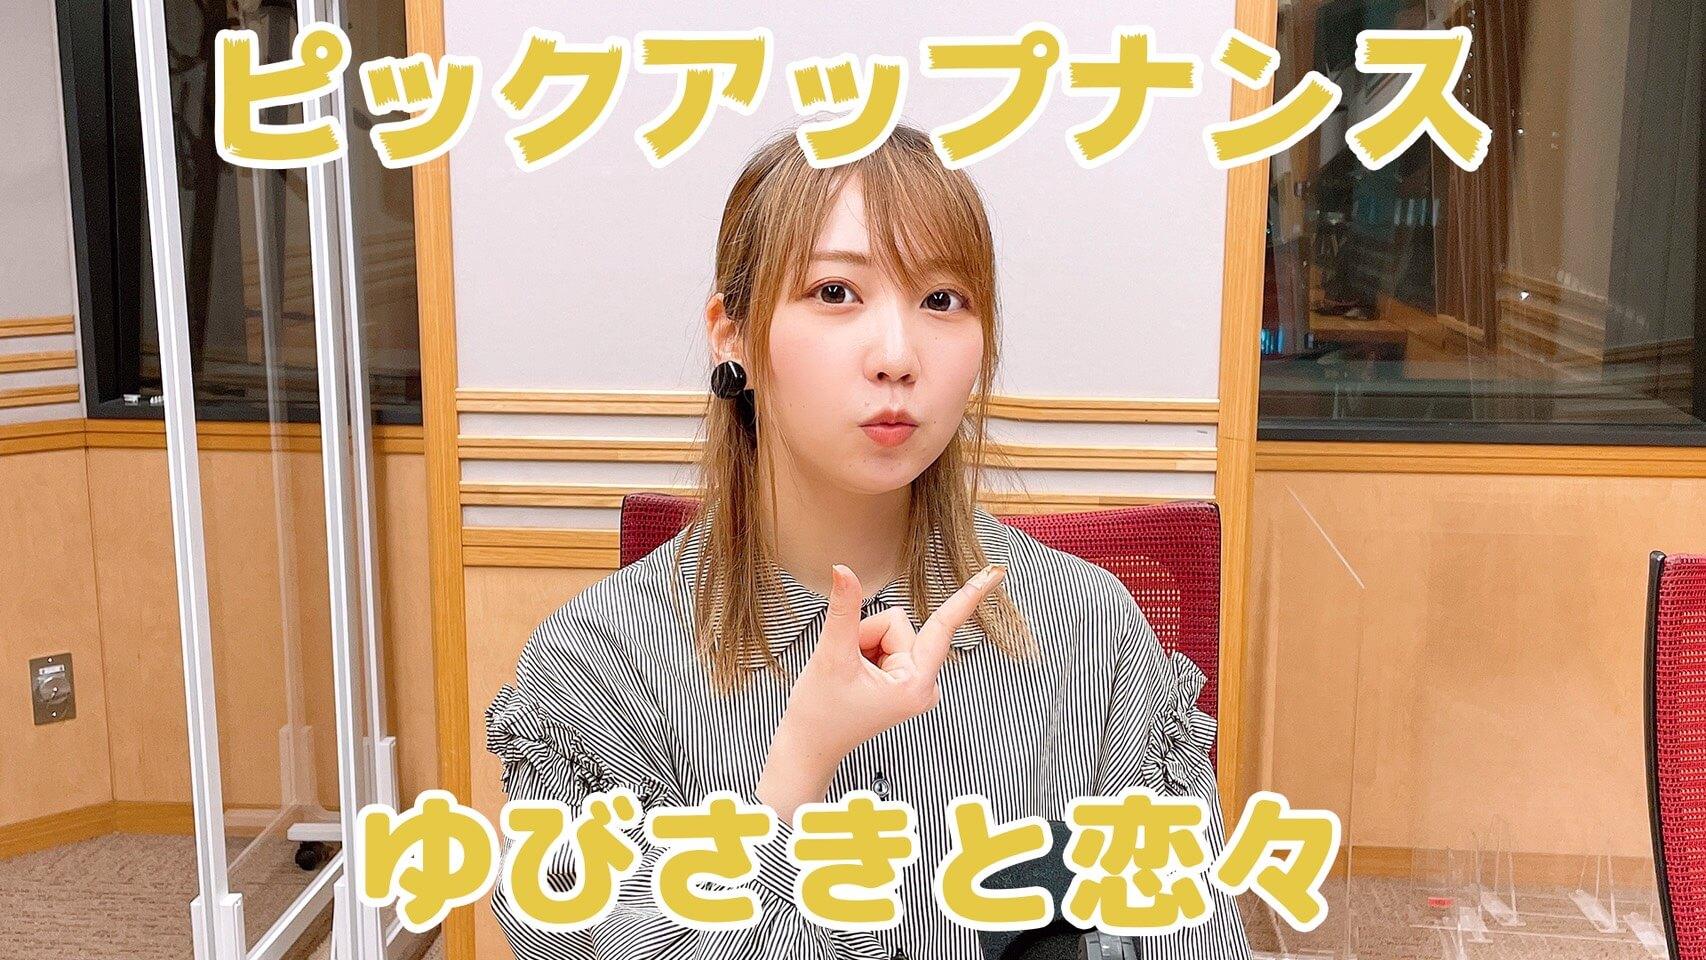 【夏川椎菜】ピックアップナンス「ゆびさきと恋々」